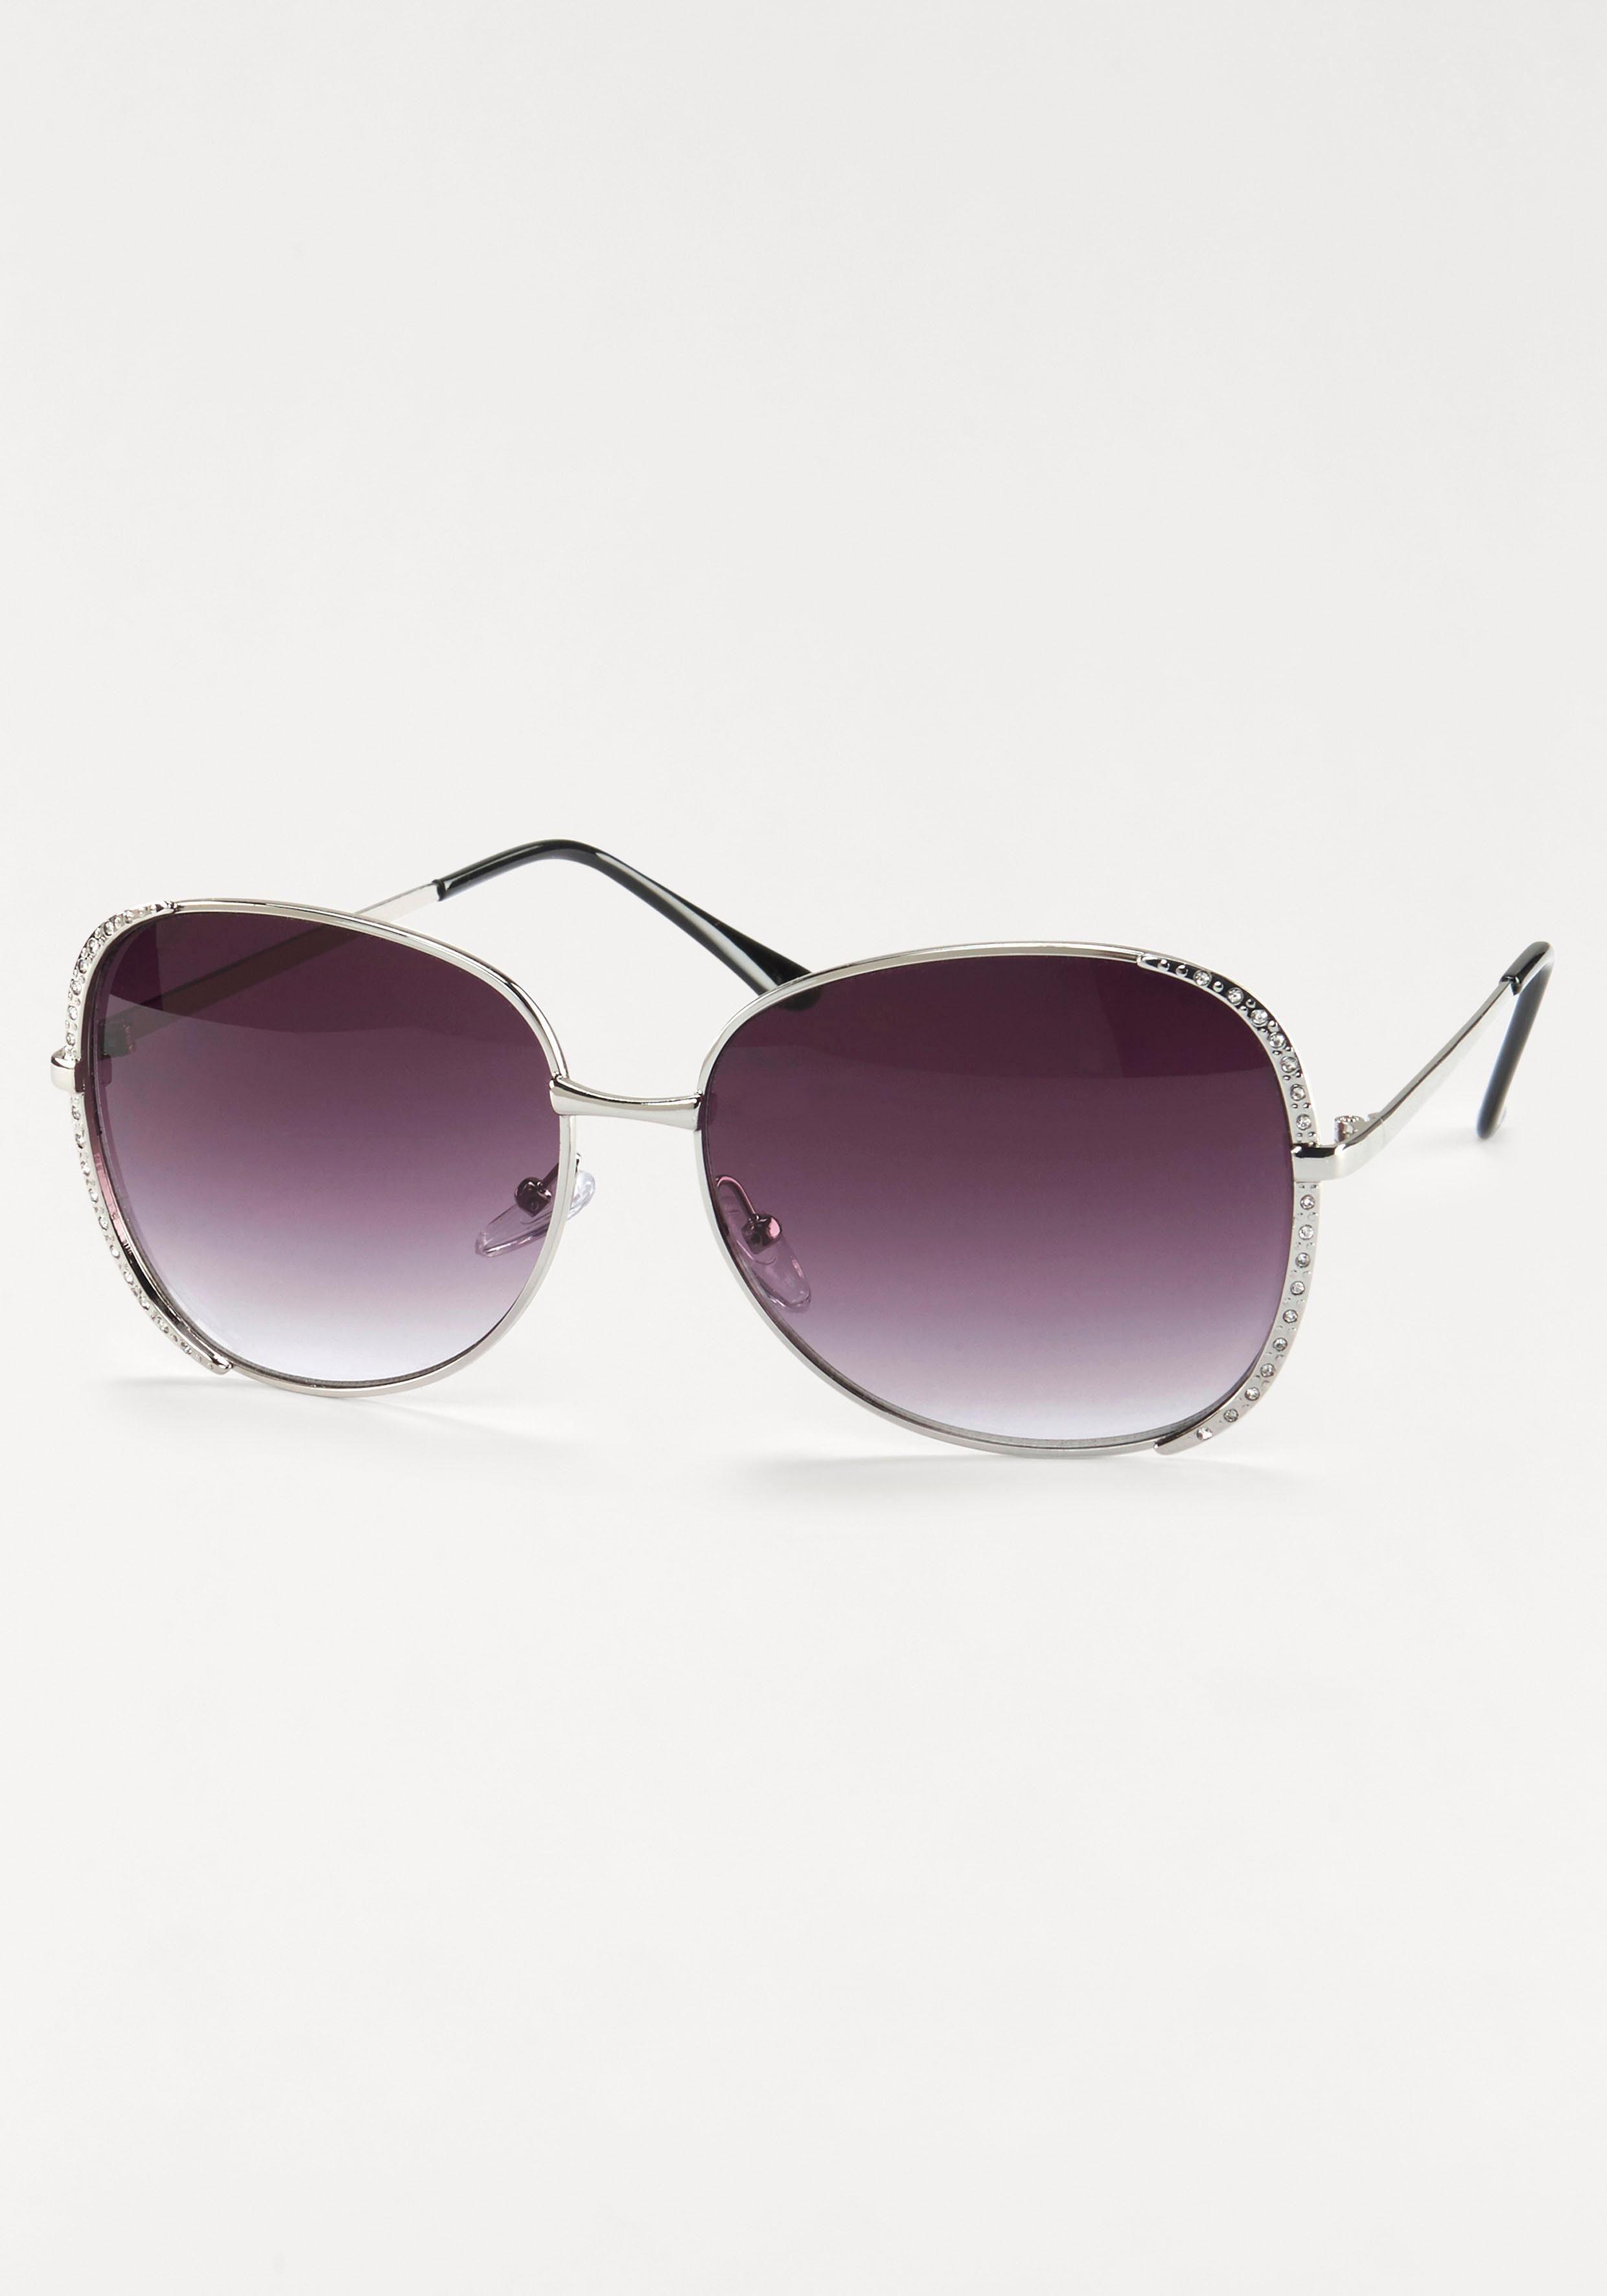 Sonnenbrille mit Glitzersteinen, Oversize Look, Metallgestell